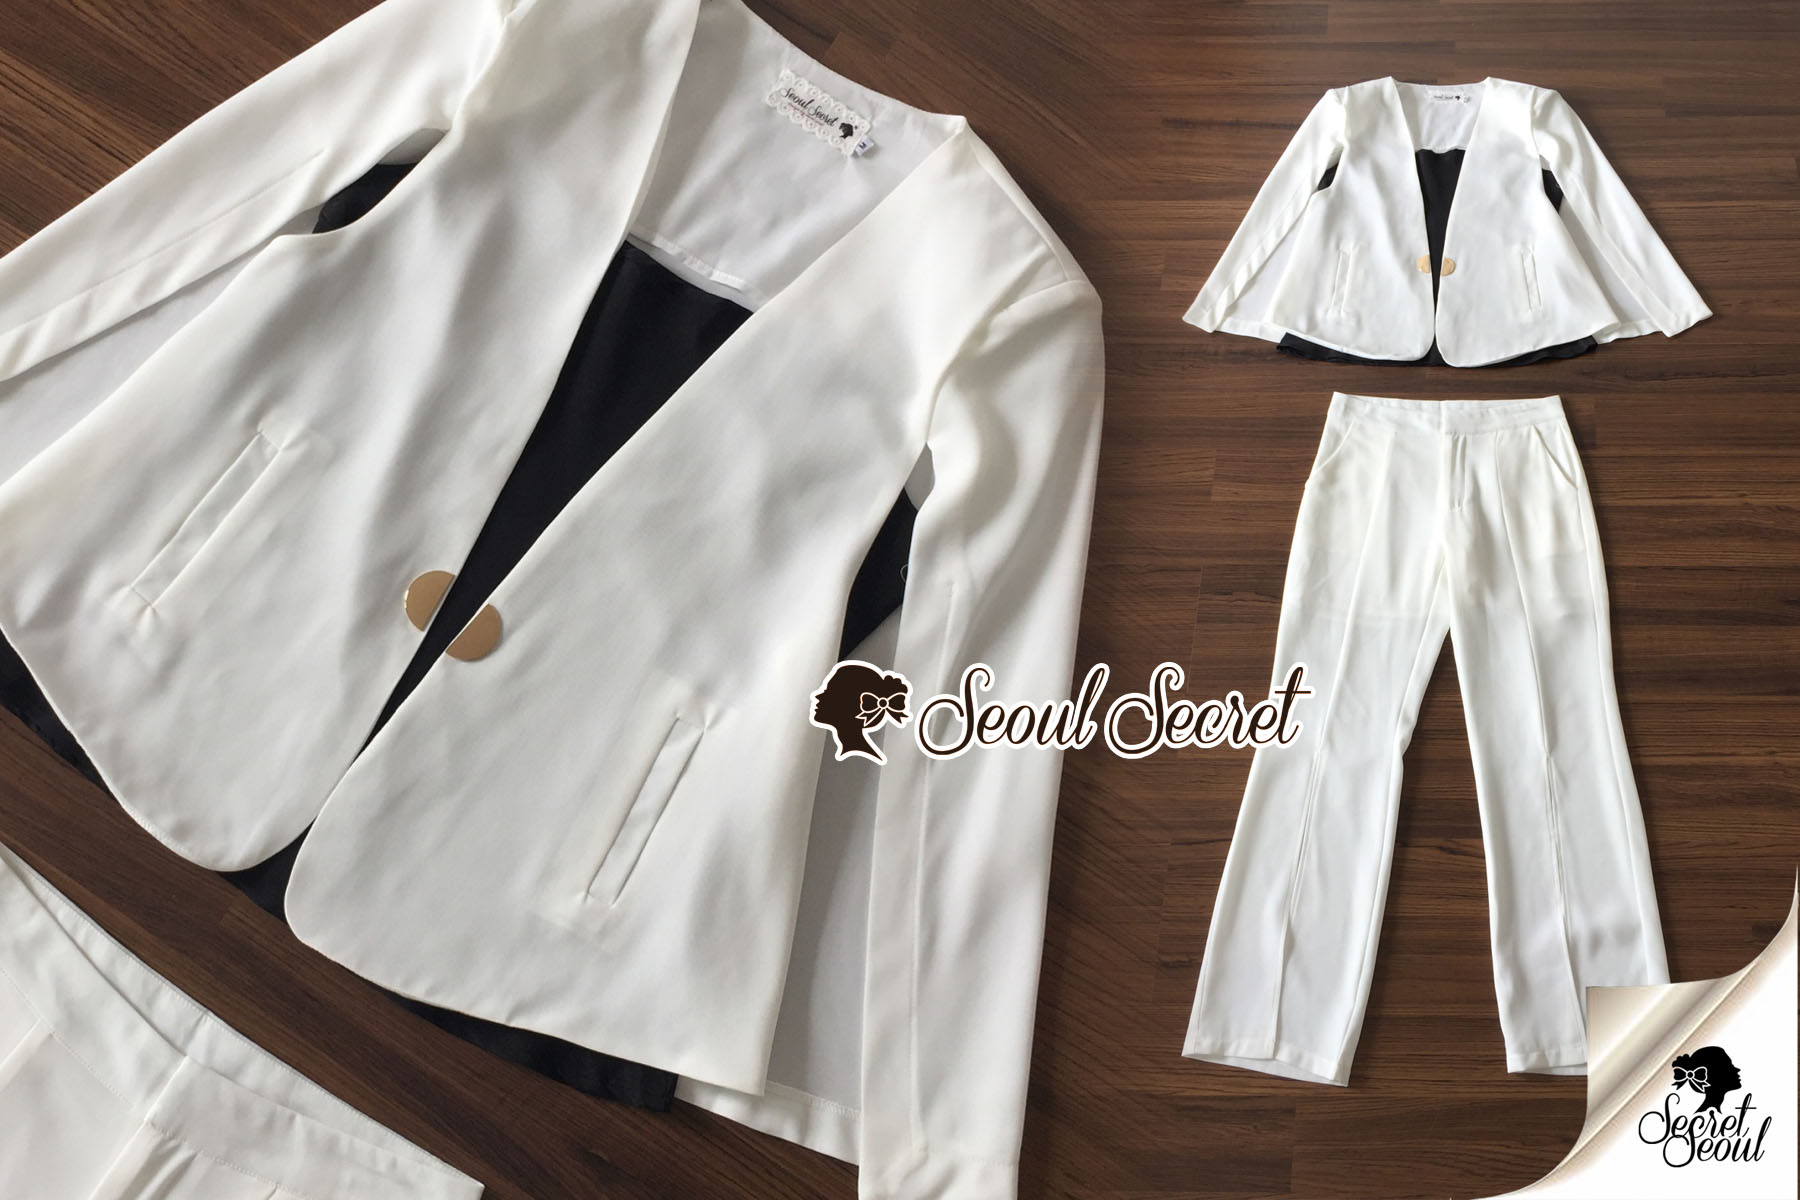 เสื้อผ้าเกาหลี พร้อมส่ง เสือคลุมกับกางเกงขายาว